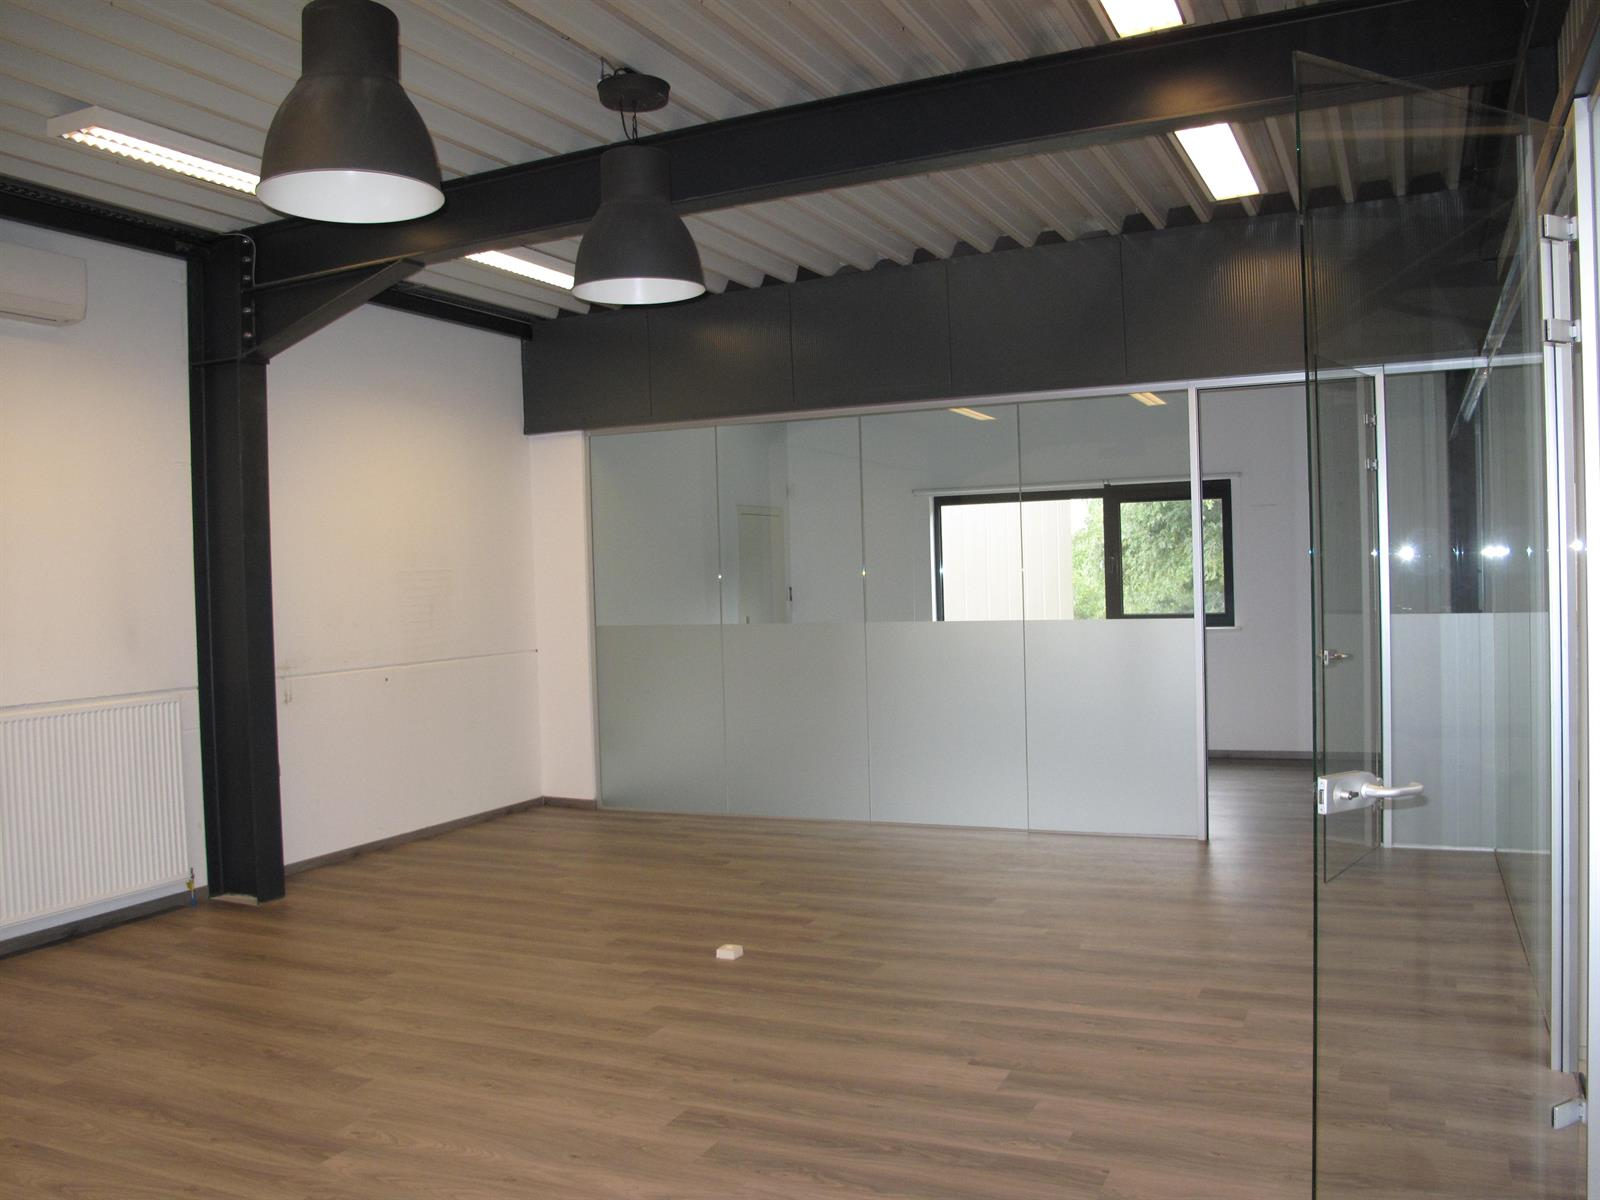 kantoren & magazijn te huur I136 - Oostmalsesteenweg  106 2A, 2520 Ranst Emblem, België 4